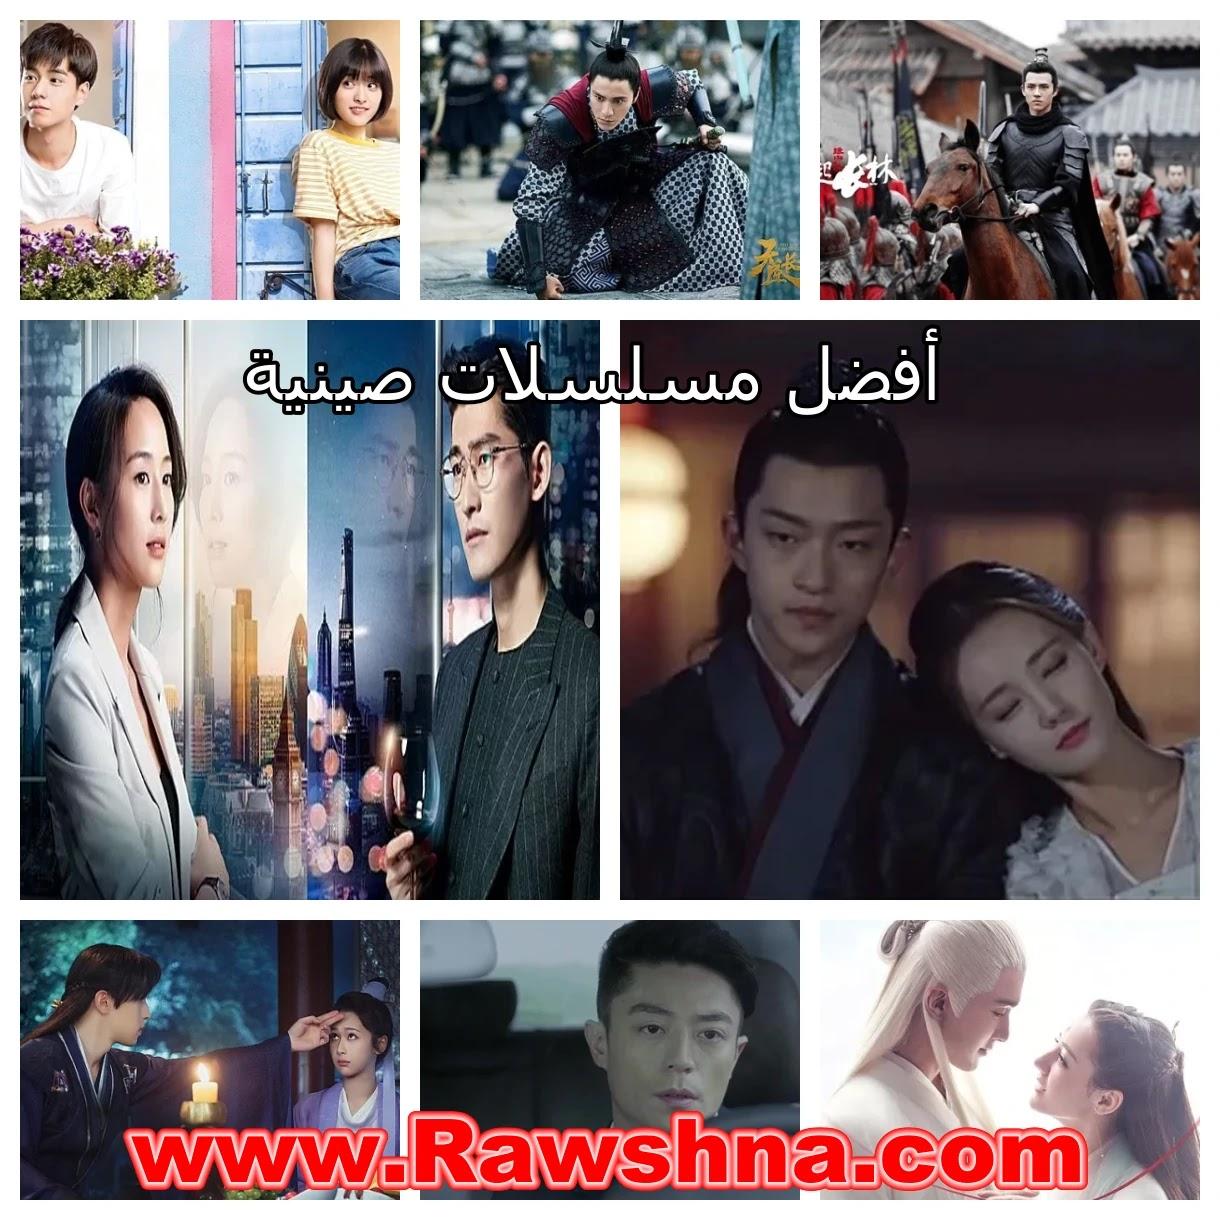 أفضل مسلسلات صينية على الإطلاق